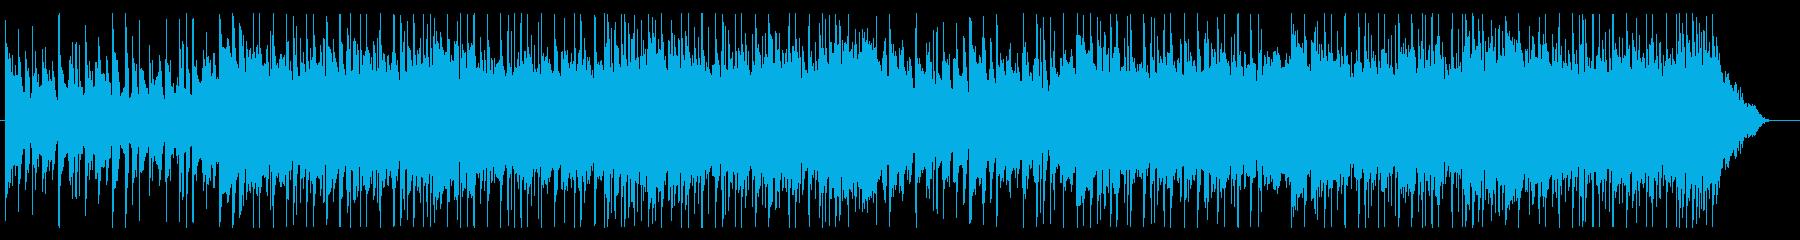 ボサノバ感のあるおしゃれなギターポップの再生済みの波形